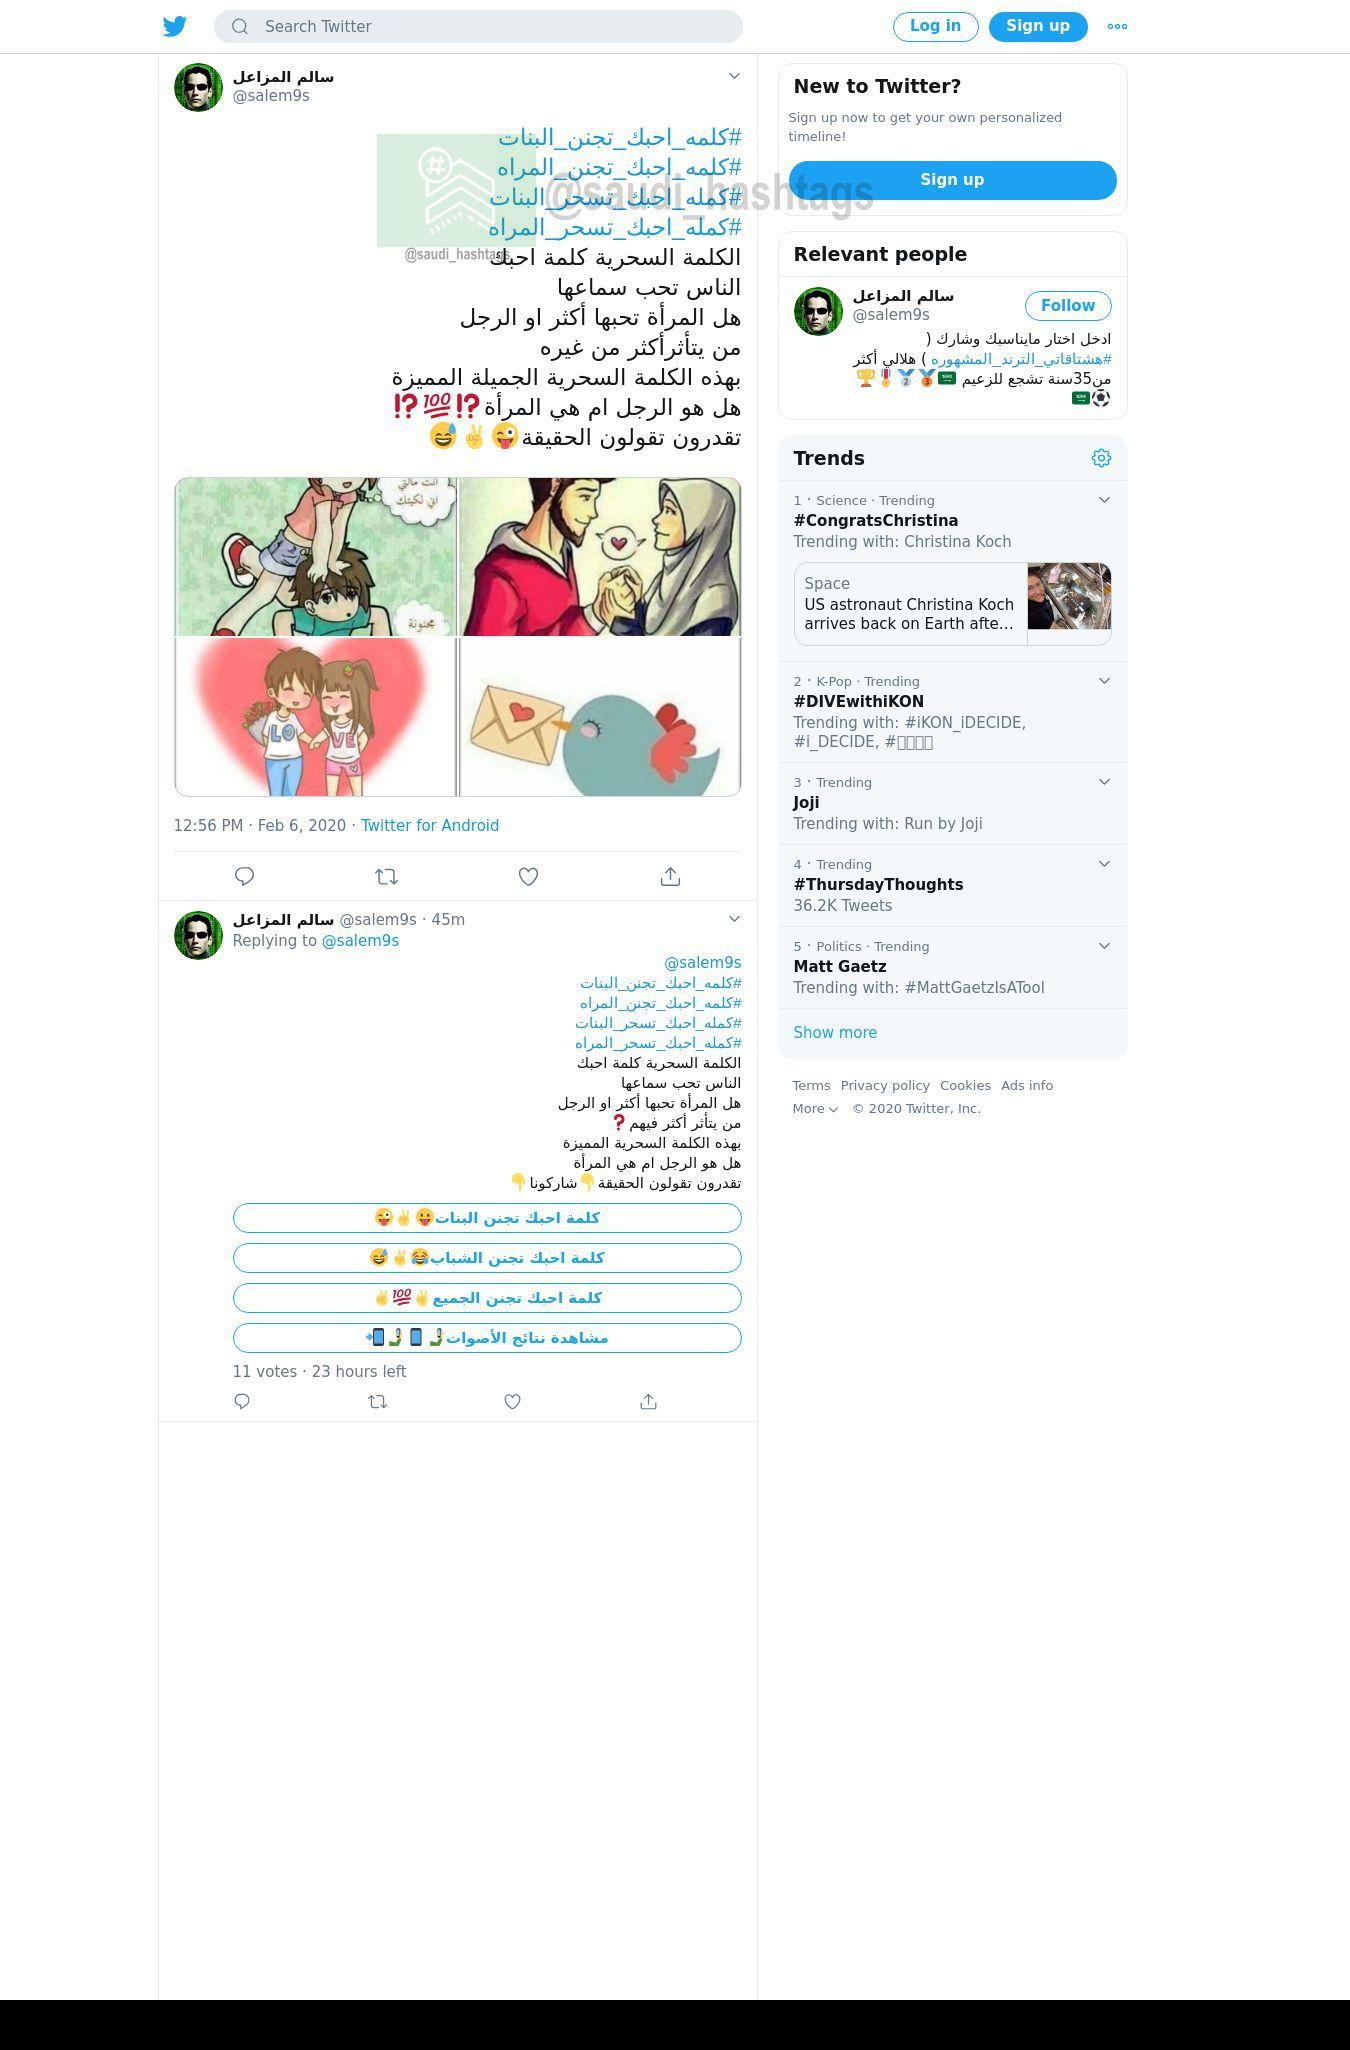 لقطة لاول تغريدة في هاشتاق #كمله_احبك_تسحر_المراه